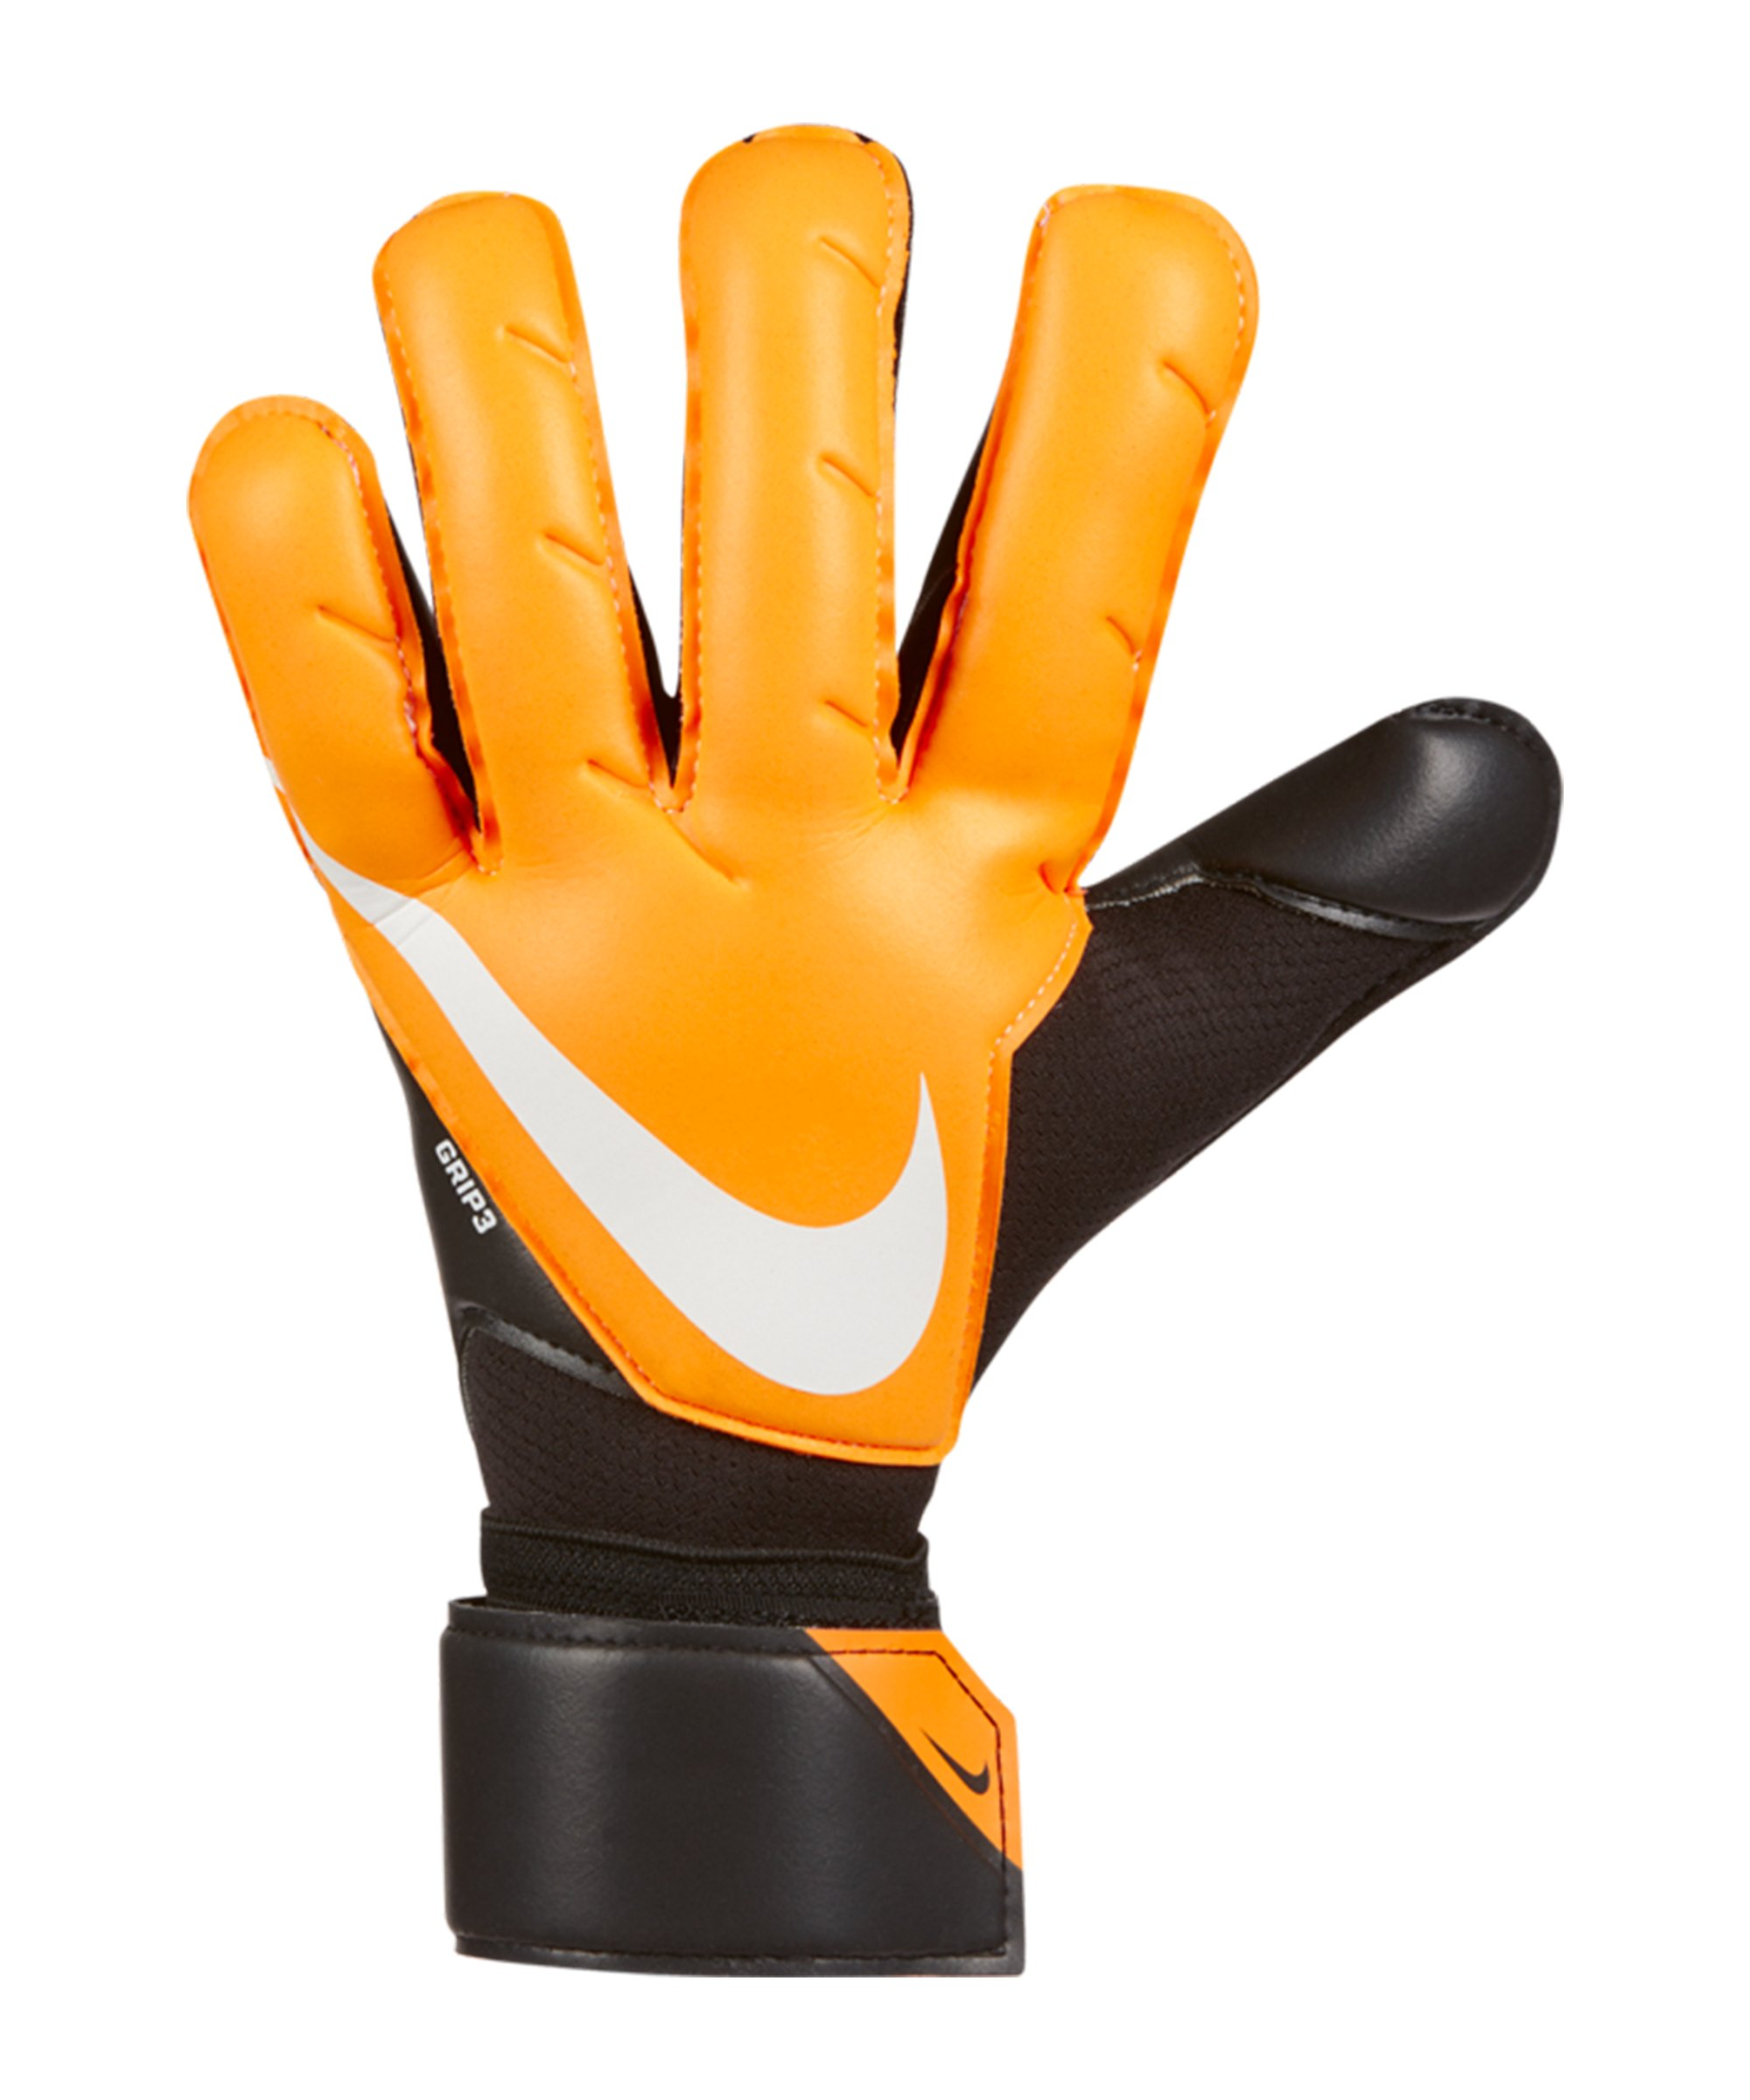 Nike Grip3 Daybreak Torwarthandschuh Schwarz F011 - schwarz